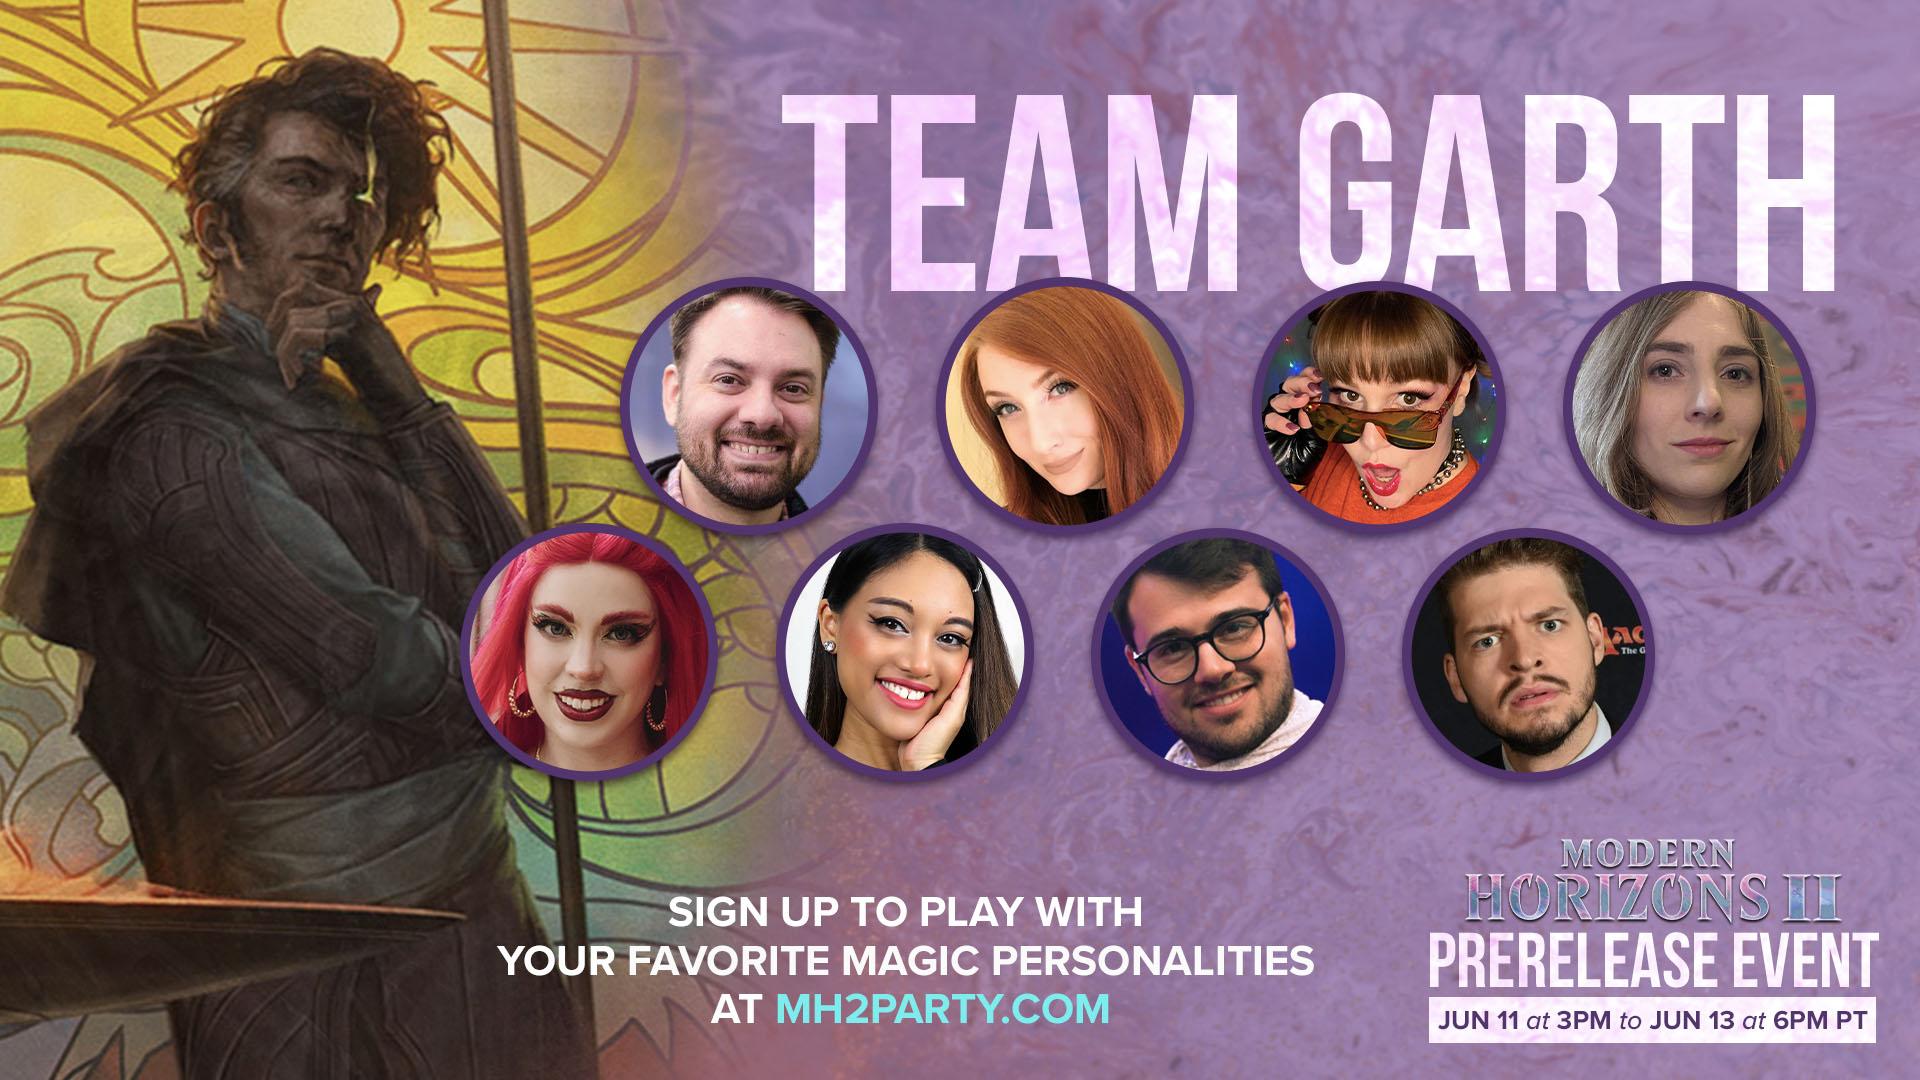 Team Garth members